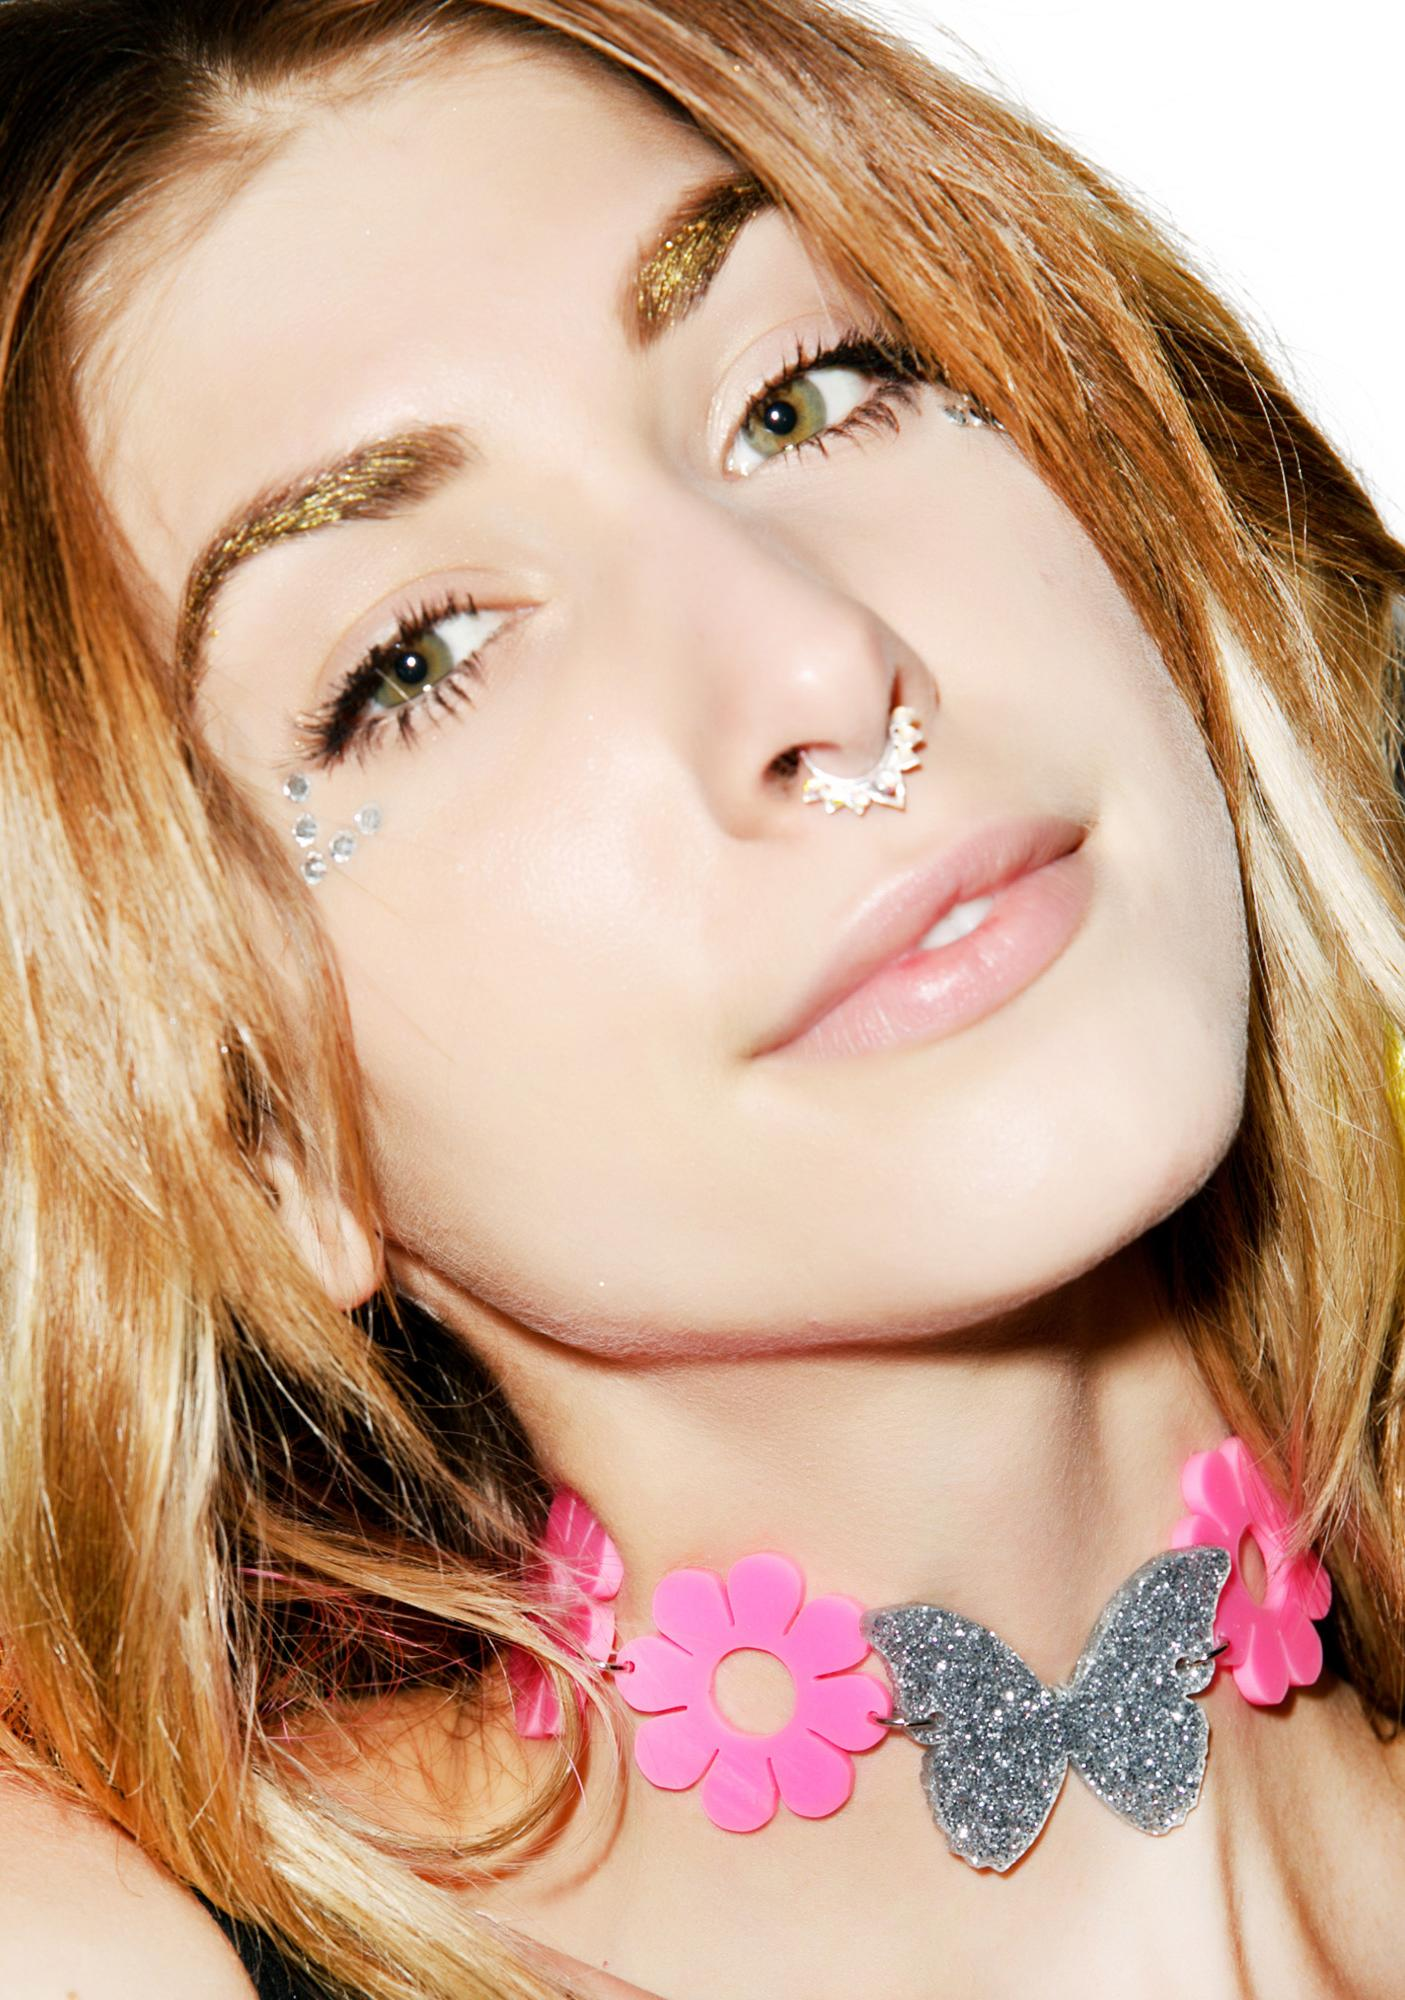 Marina Fini X Dolls Kill Butterfly Dreams Choker